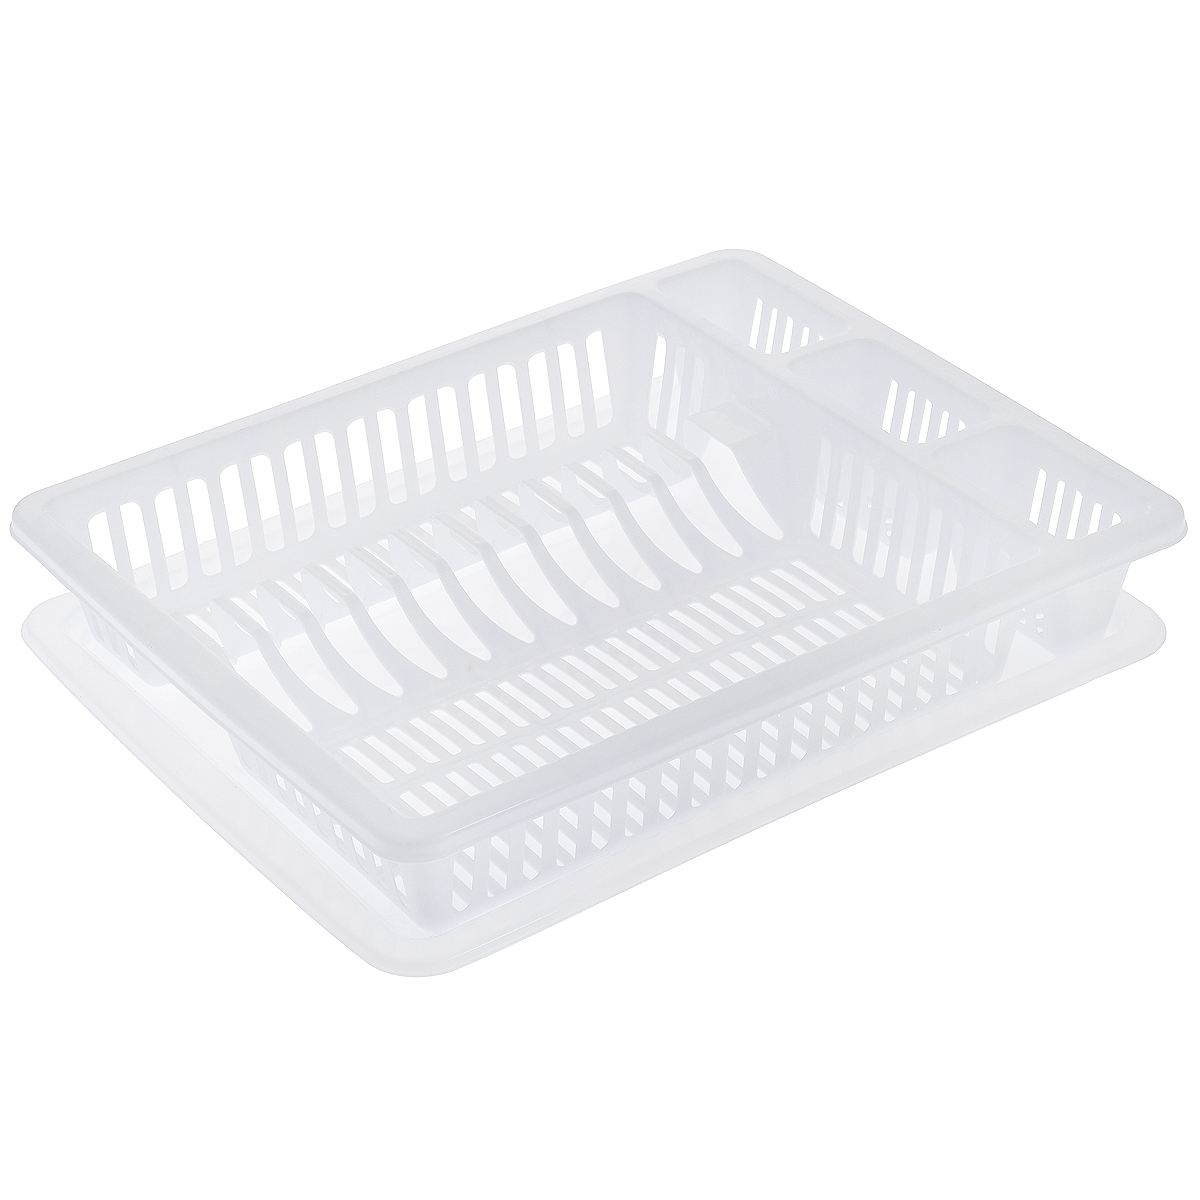 Сушилка для посуды Dunya Plastik, с поддоном, цвет: белый, 46 см х 37 см х 9 смВетерок 2ГФСушилка Dunya Plastik, выполненная из прочного пластика, представляет собой решетку с ячейками, в которые помещается посуда: тарелки, кружки, ложки, ножи. Изделие оснащено пластиковым поддоном для стекания воды. Сушилка Dunya Plastik не займет много места на вашей кухне, а вы сможете разместить на ней большое количество предметов. Компактные размеры и оригинальный дизайн выделяют эту сушку из ряда подобных.